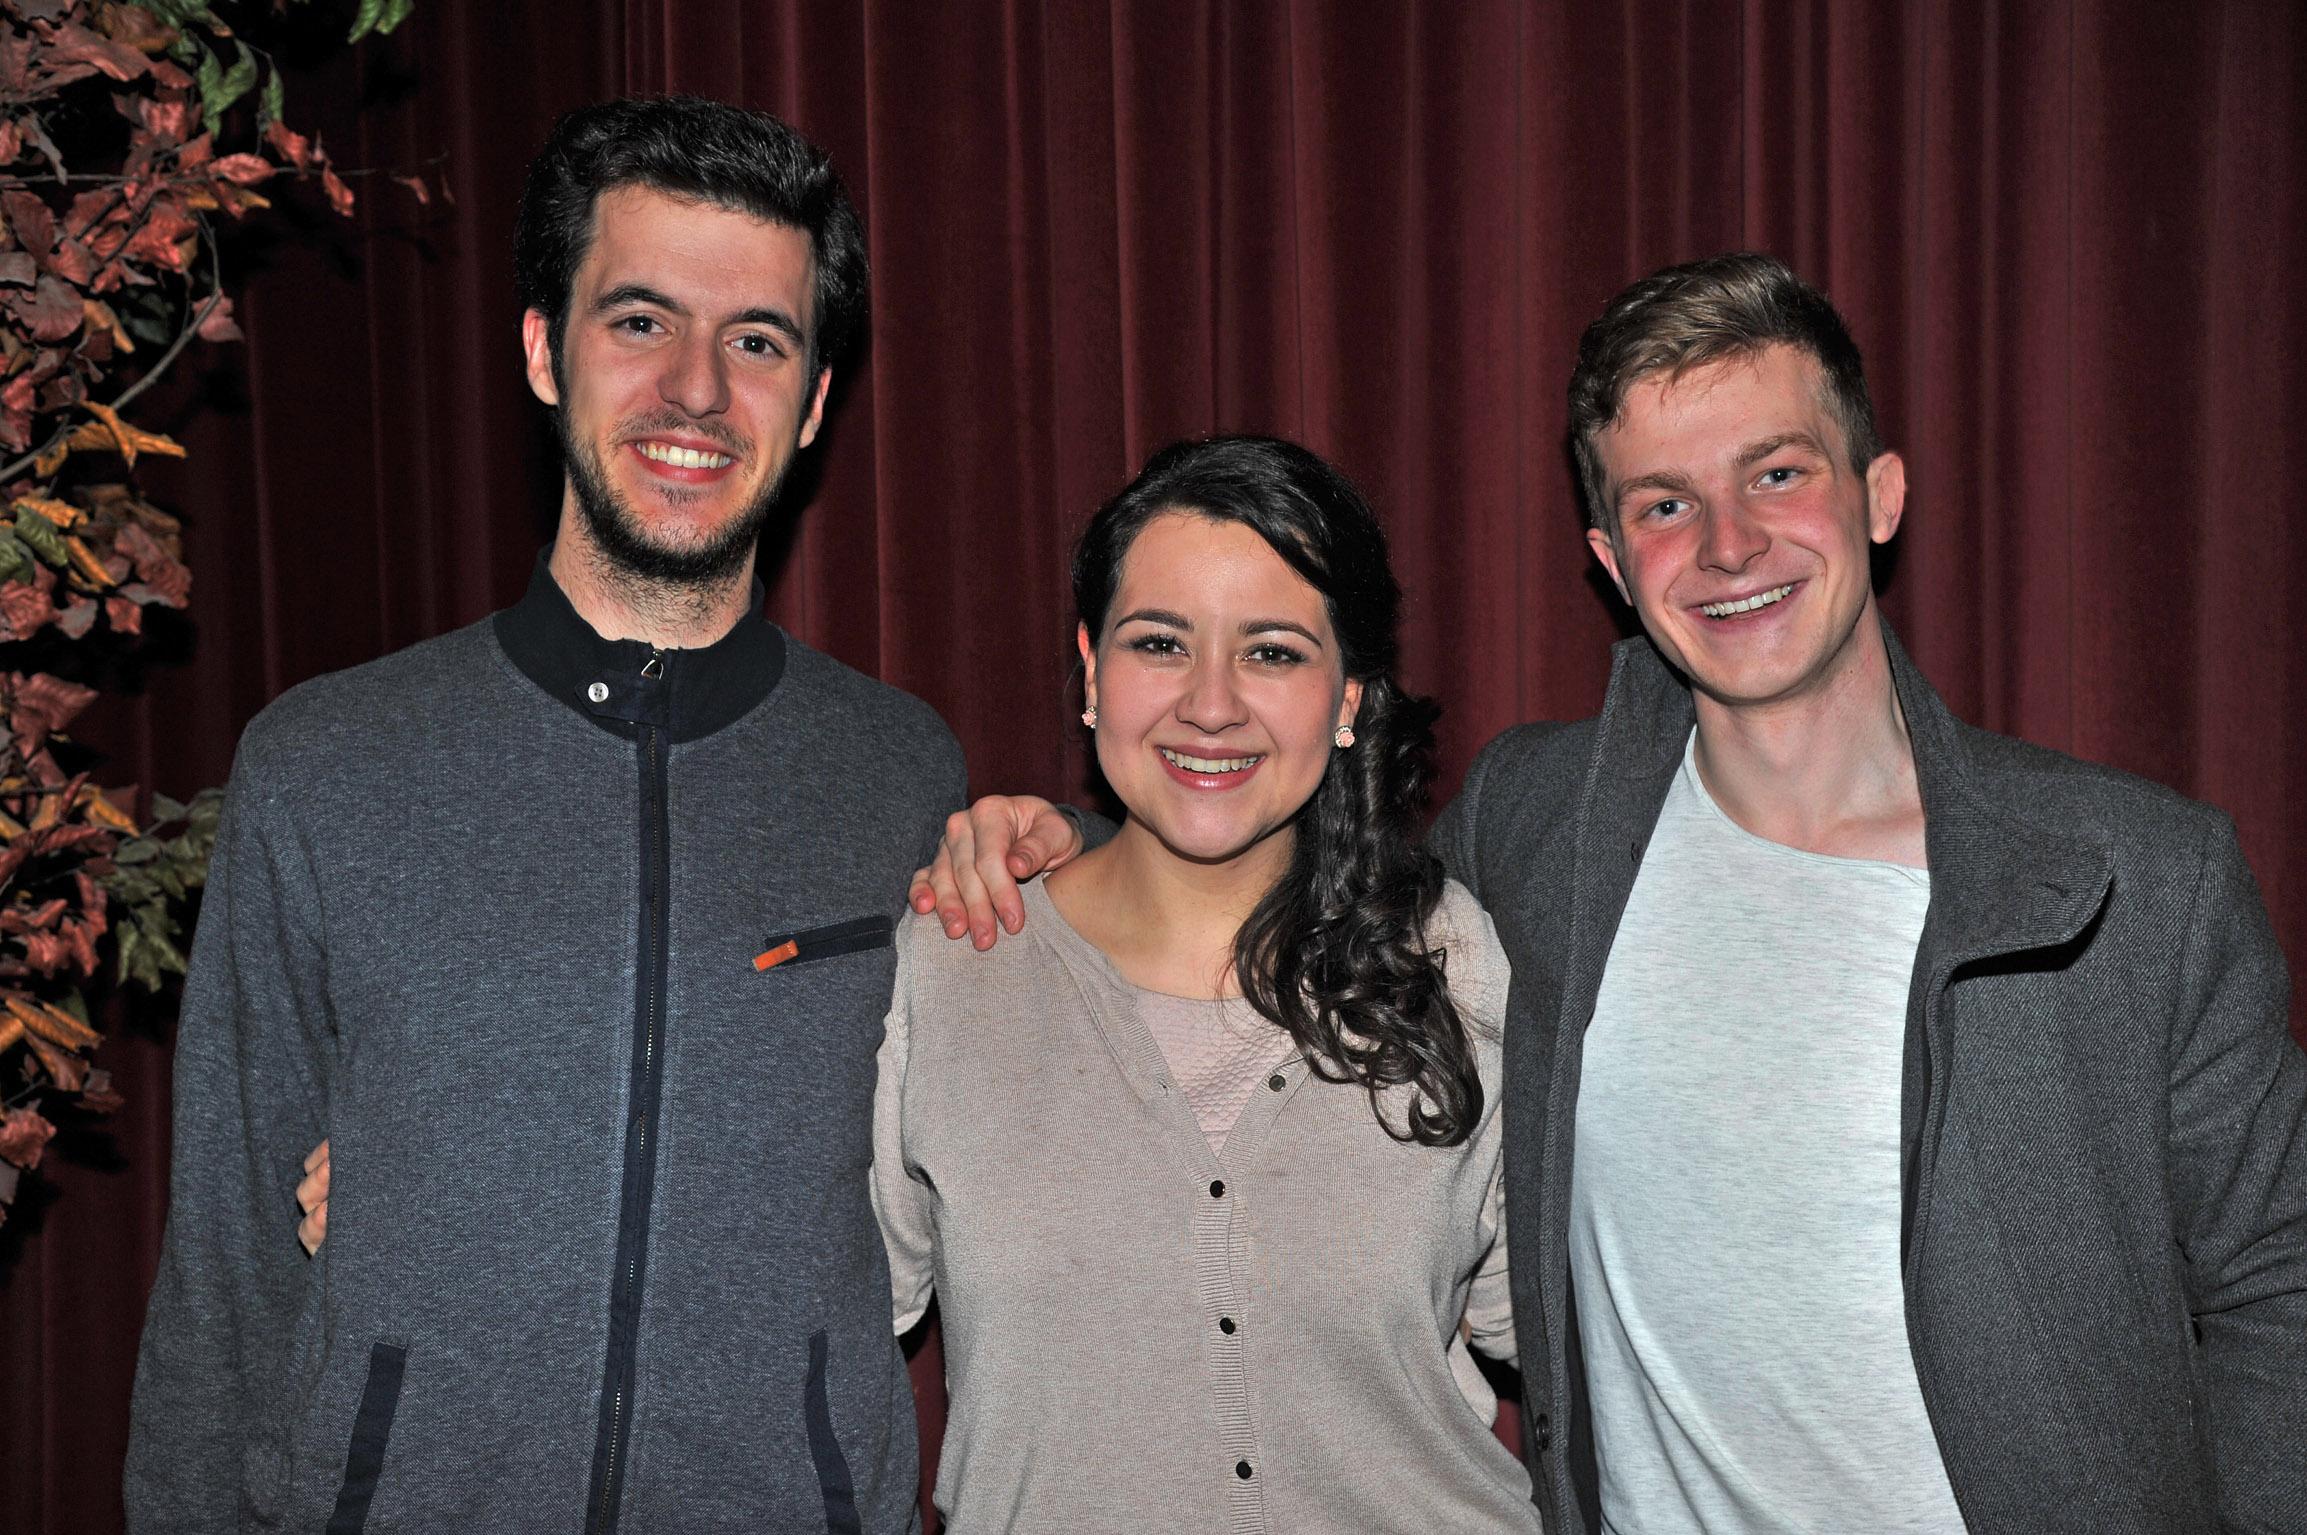 Concierto de ganadores 54 Concurso Internacional de Canto Tenor Viñas